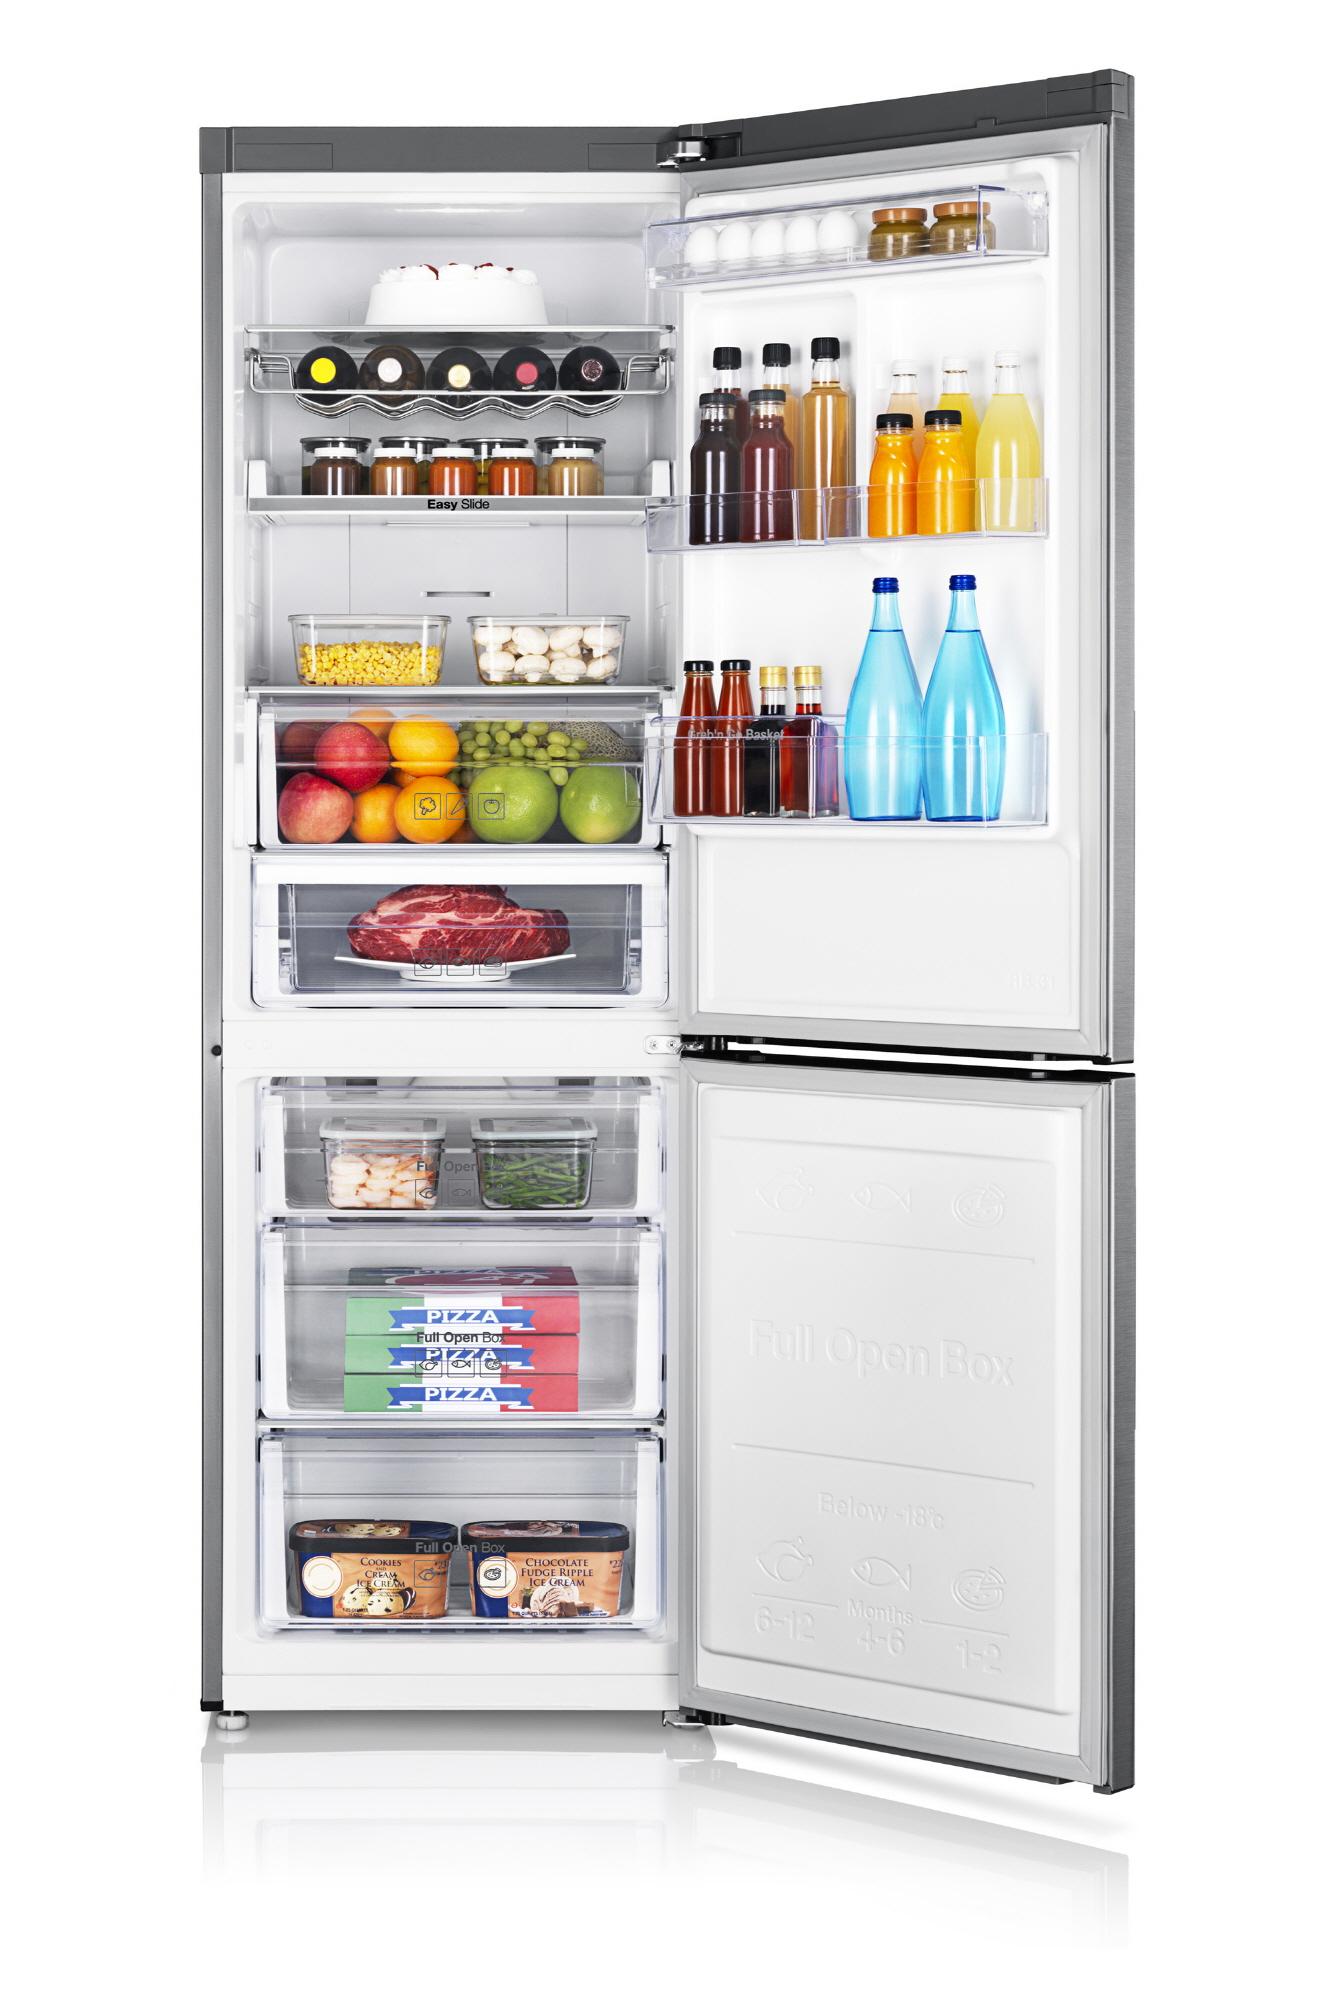 삼성 일반형 냉장고의 내부 모습입니다.